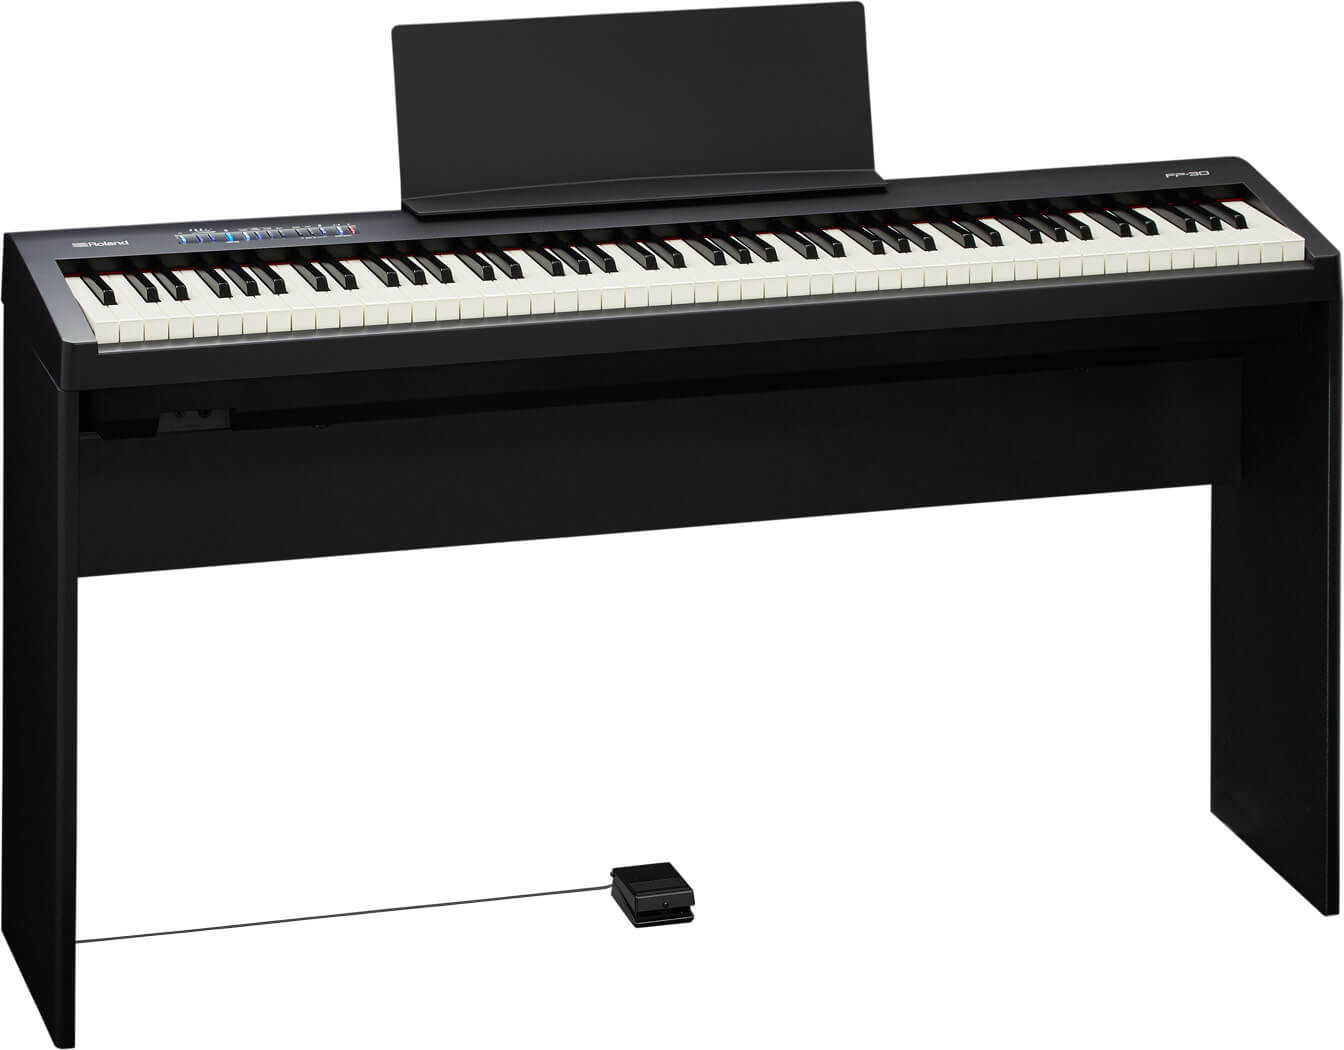 Roland elklaver FP30-BK med KSC70-BK ben